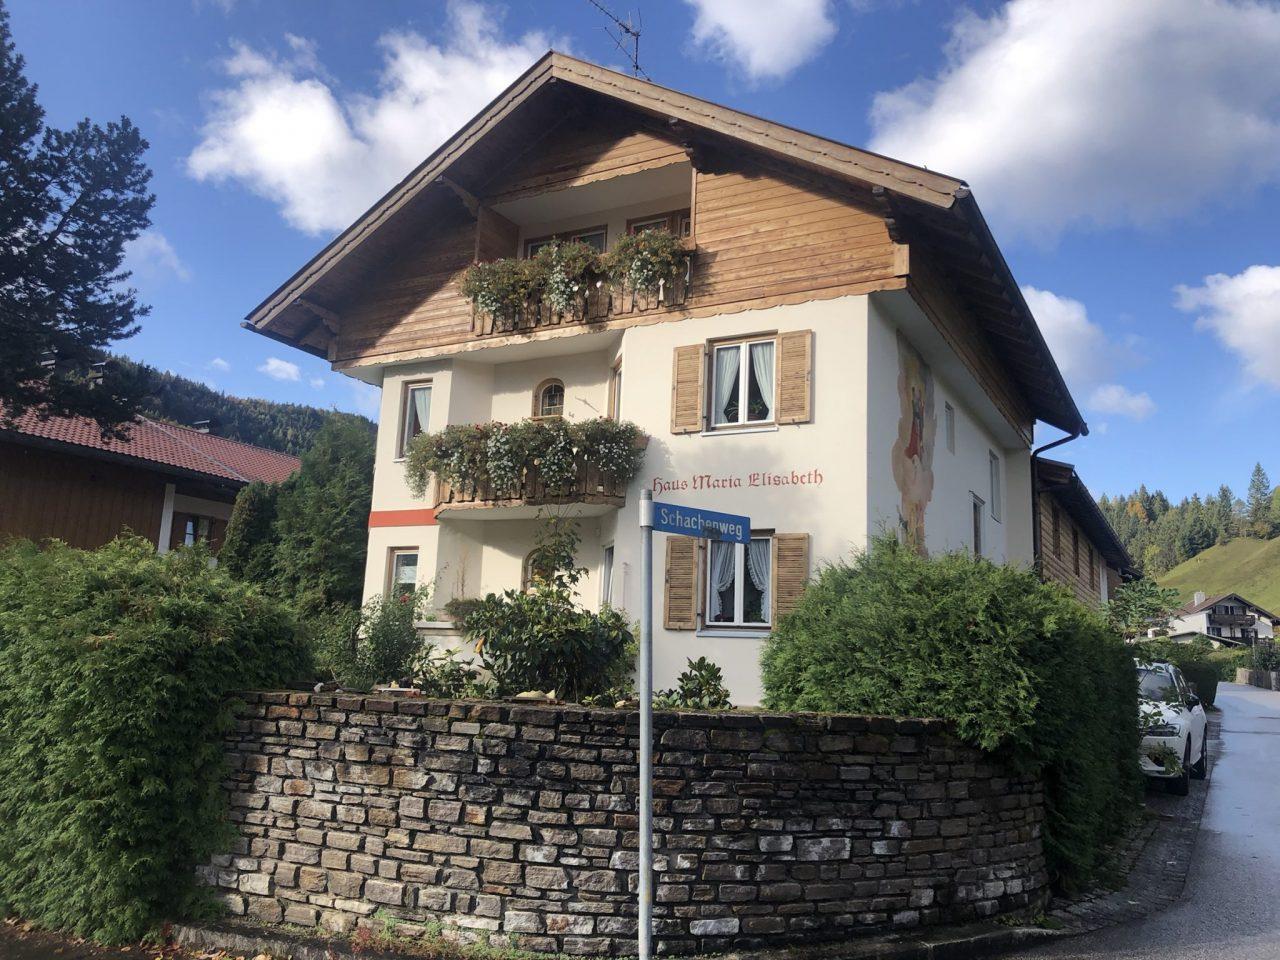 Haus Maria Elisabeth, Mittenwald